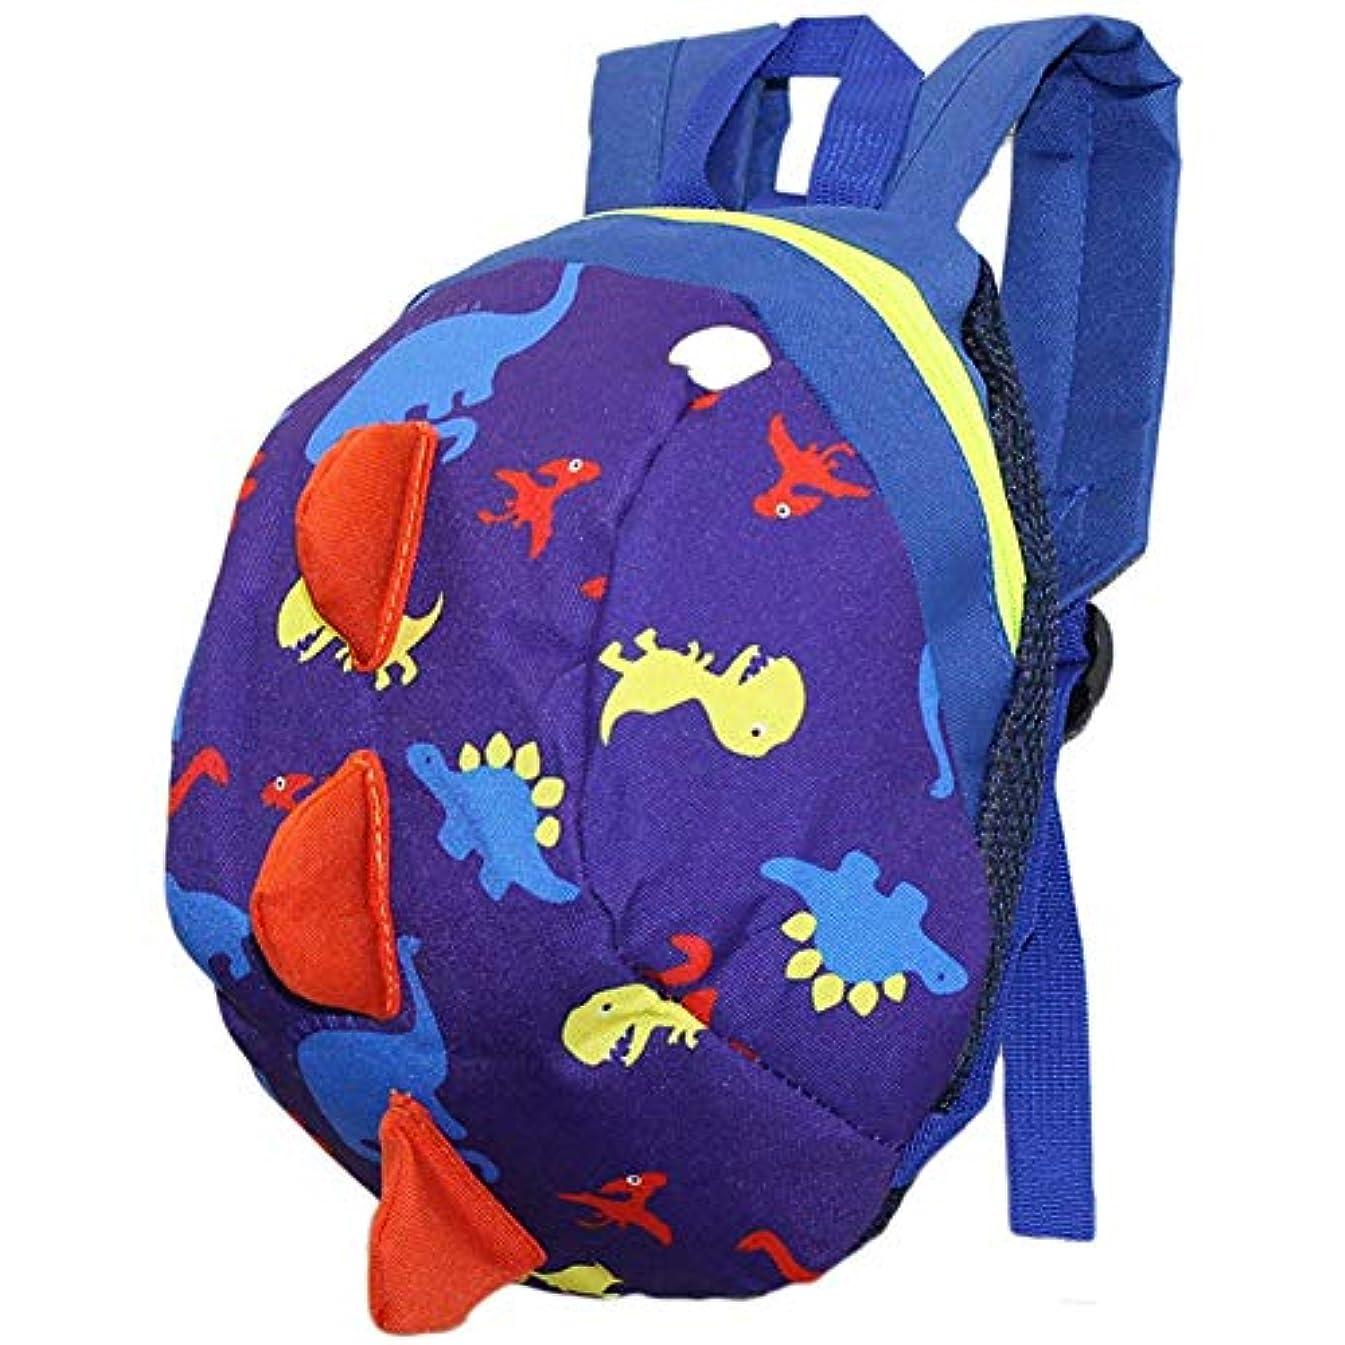 多年生静める今までスクールバッグ TINYPONY リュックサック キッズバッグ防水 子供カバン ナイロンショルダー ブックバッグ バックパック 通学 リュック 弁当袋 通学バッグ バイカラー 可愛い 入学準備 入学祝い